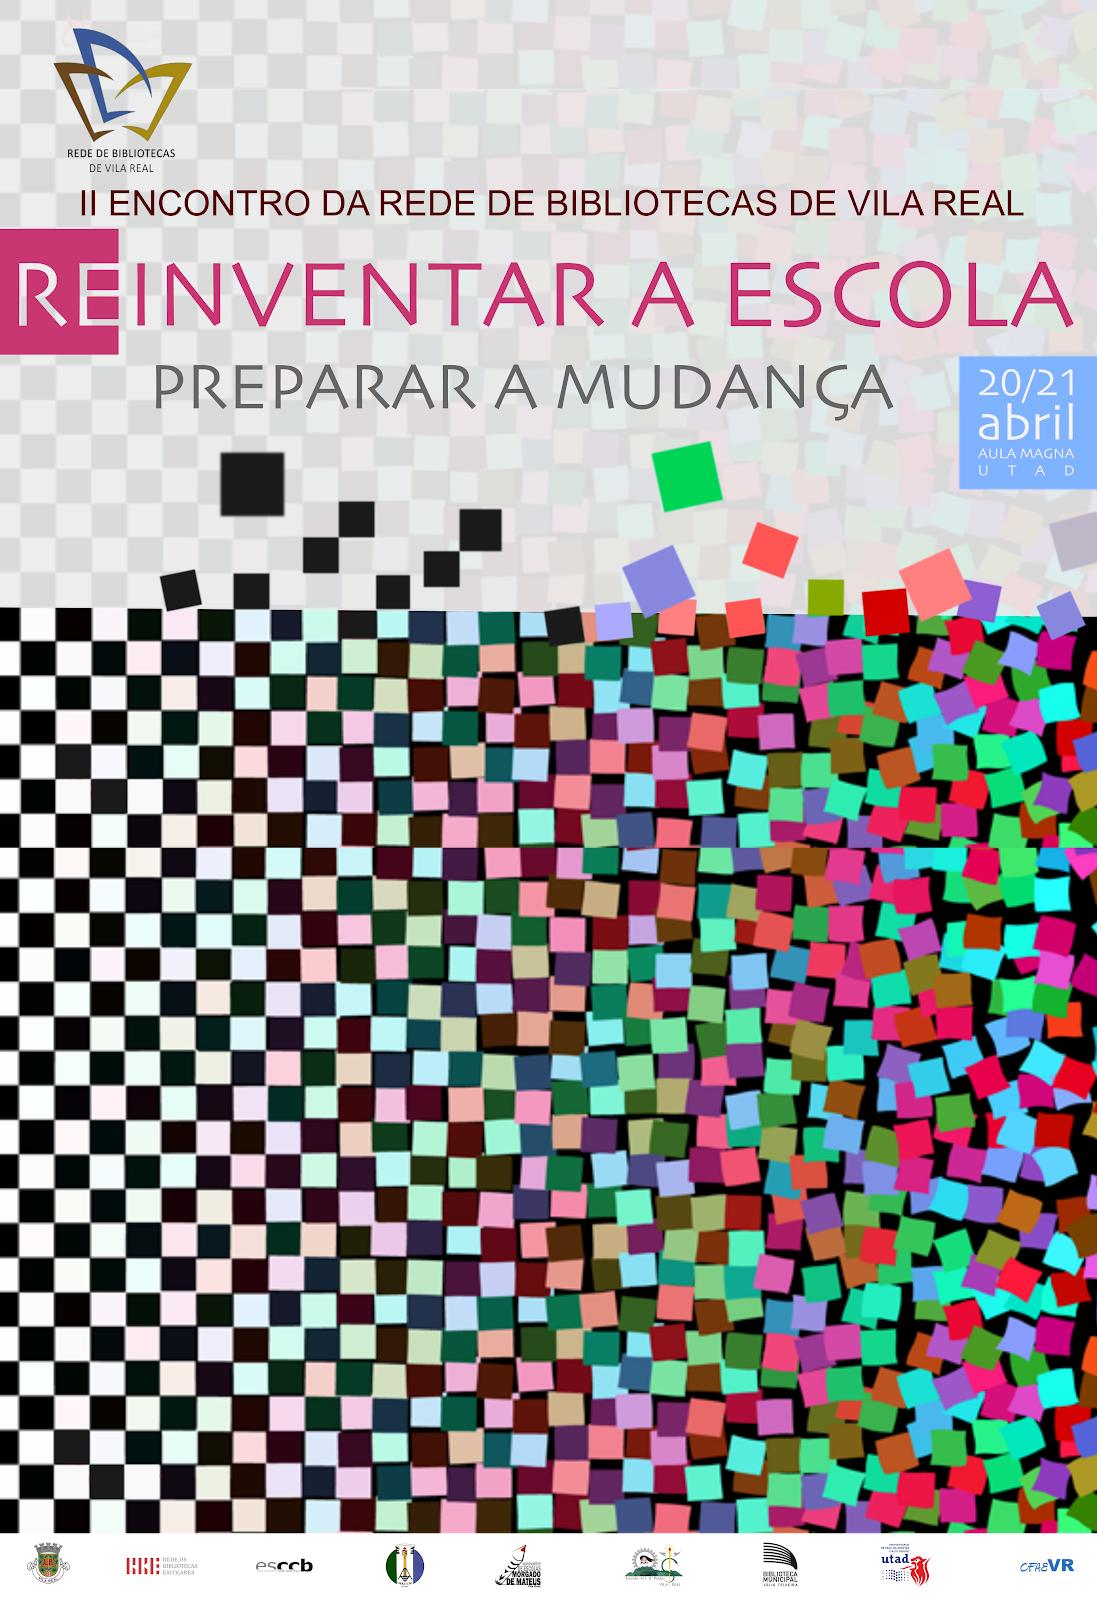 II Encontro da Rede de Bibliotecas de Vila Real